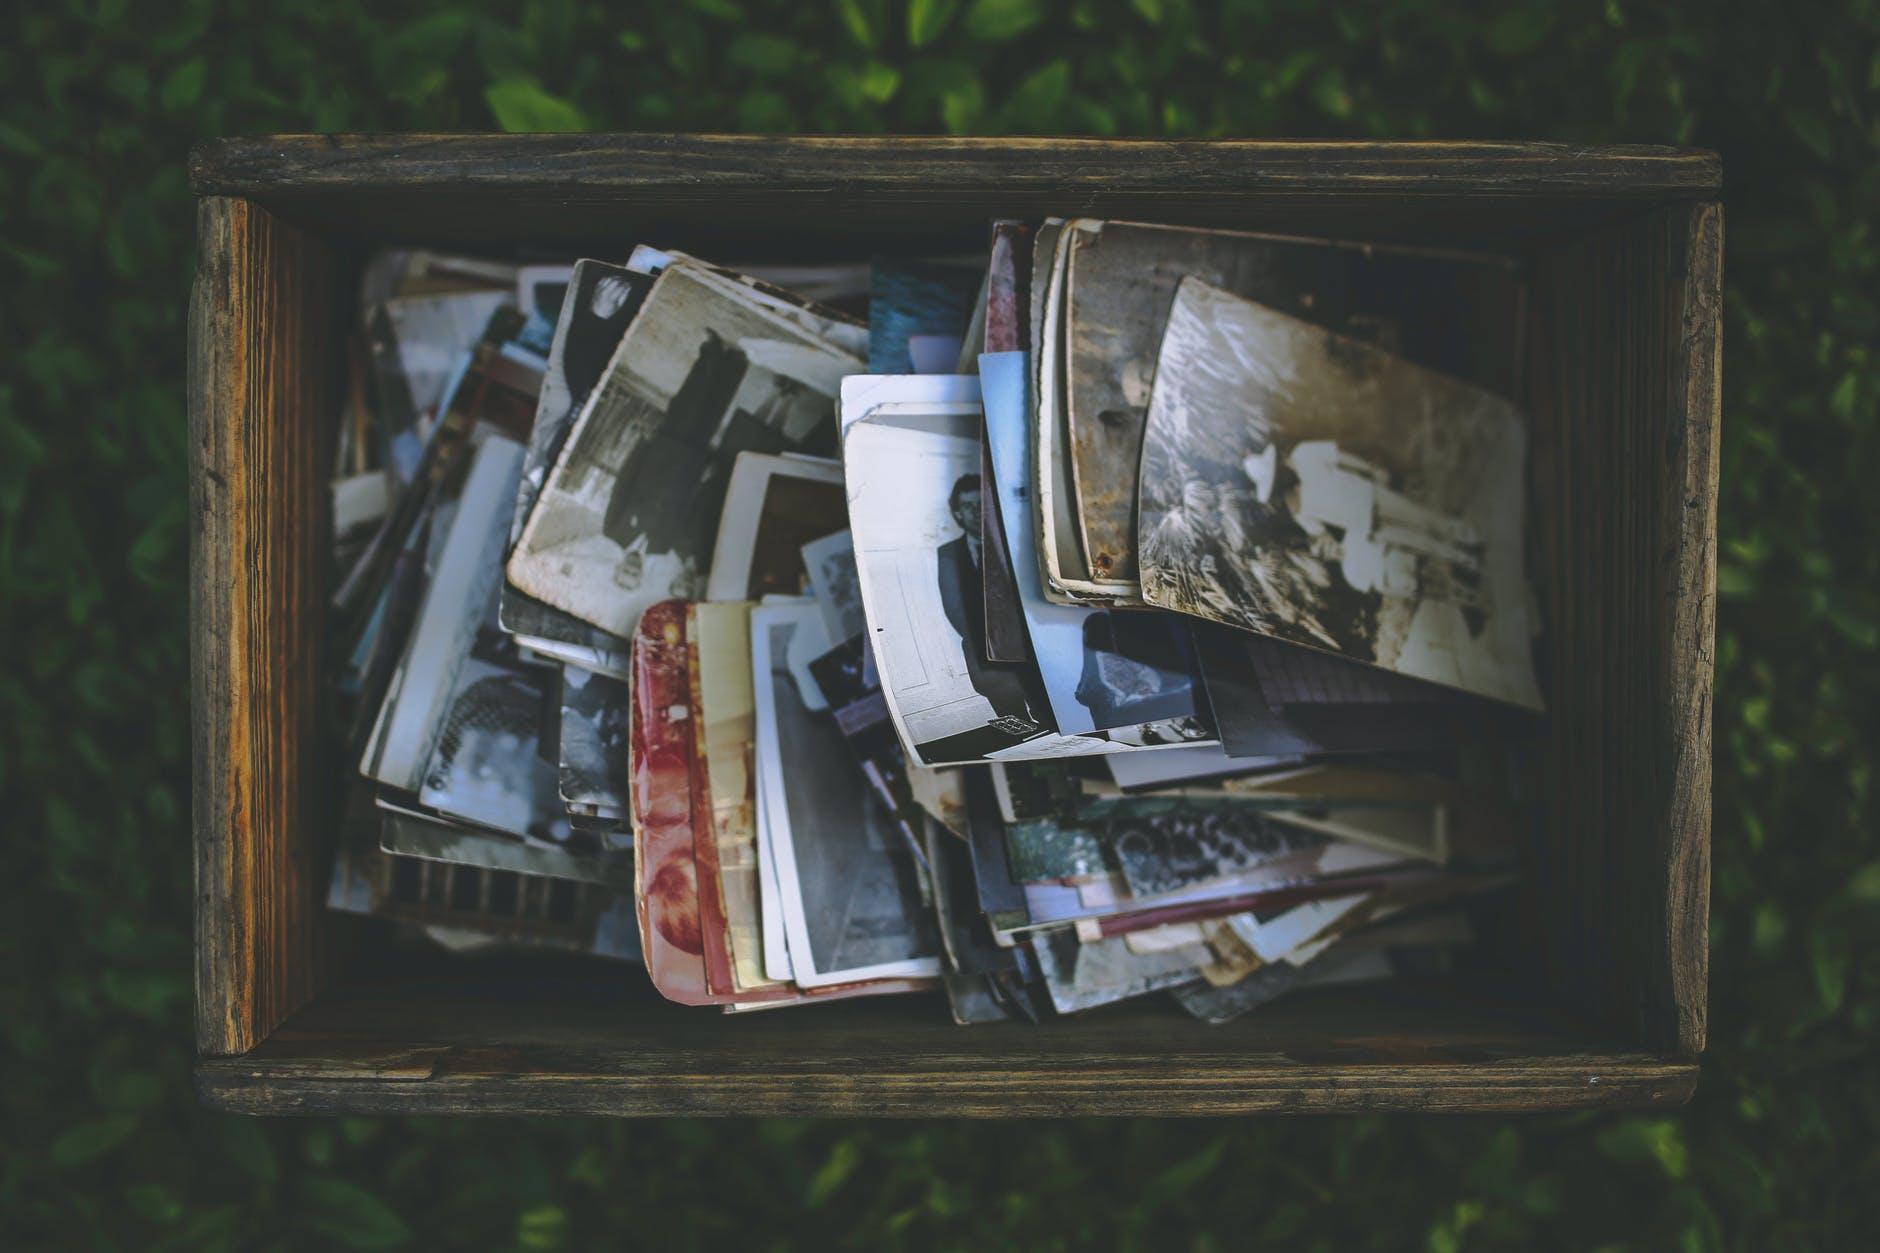 Sade Bir Yaşamın İpuçları: Son Kullanma Tarihi Geçmiş Anılar